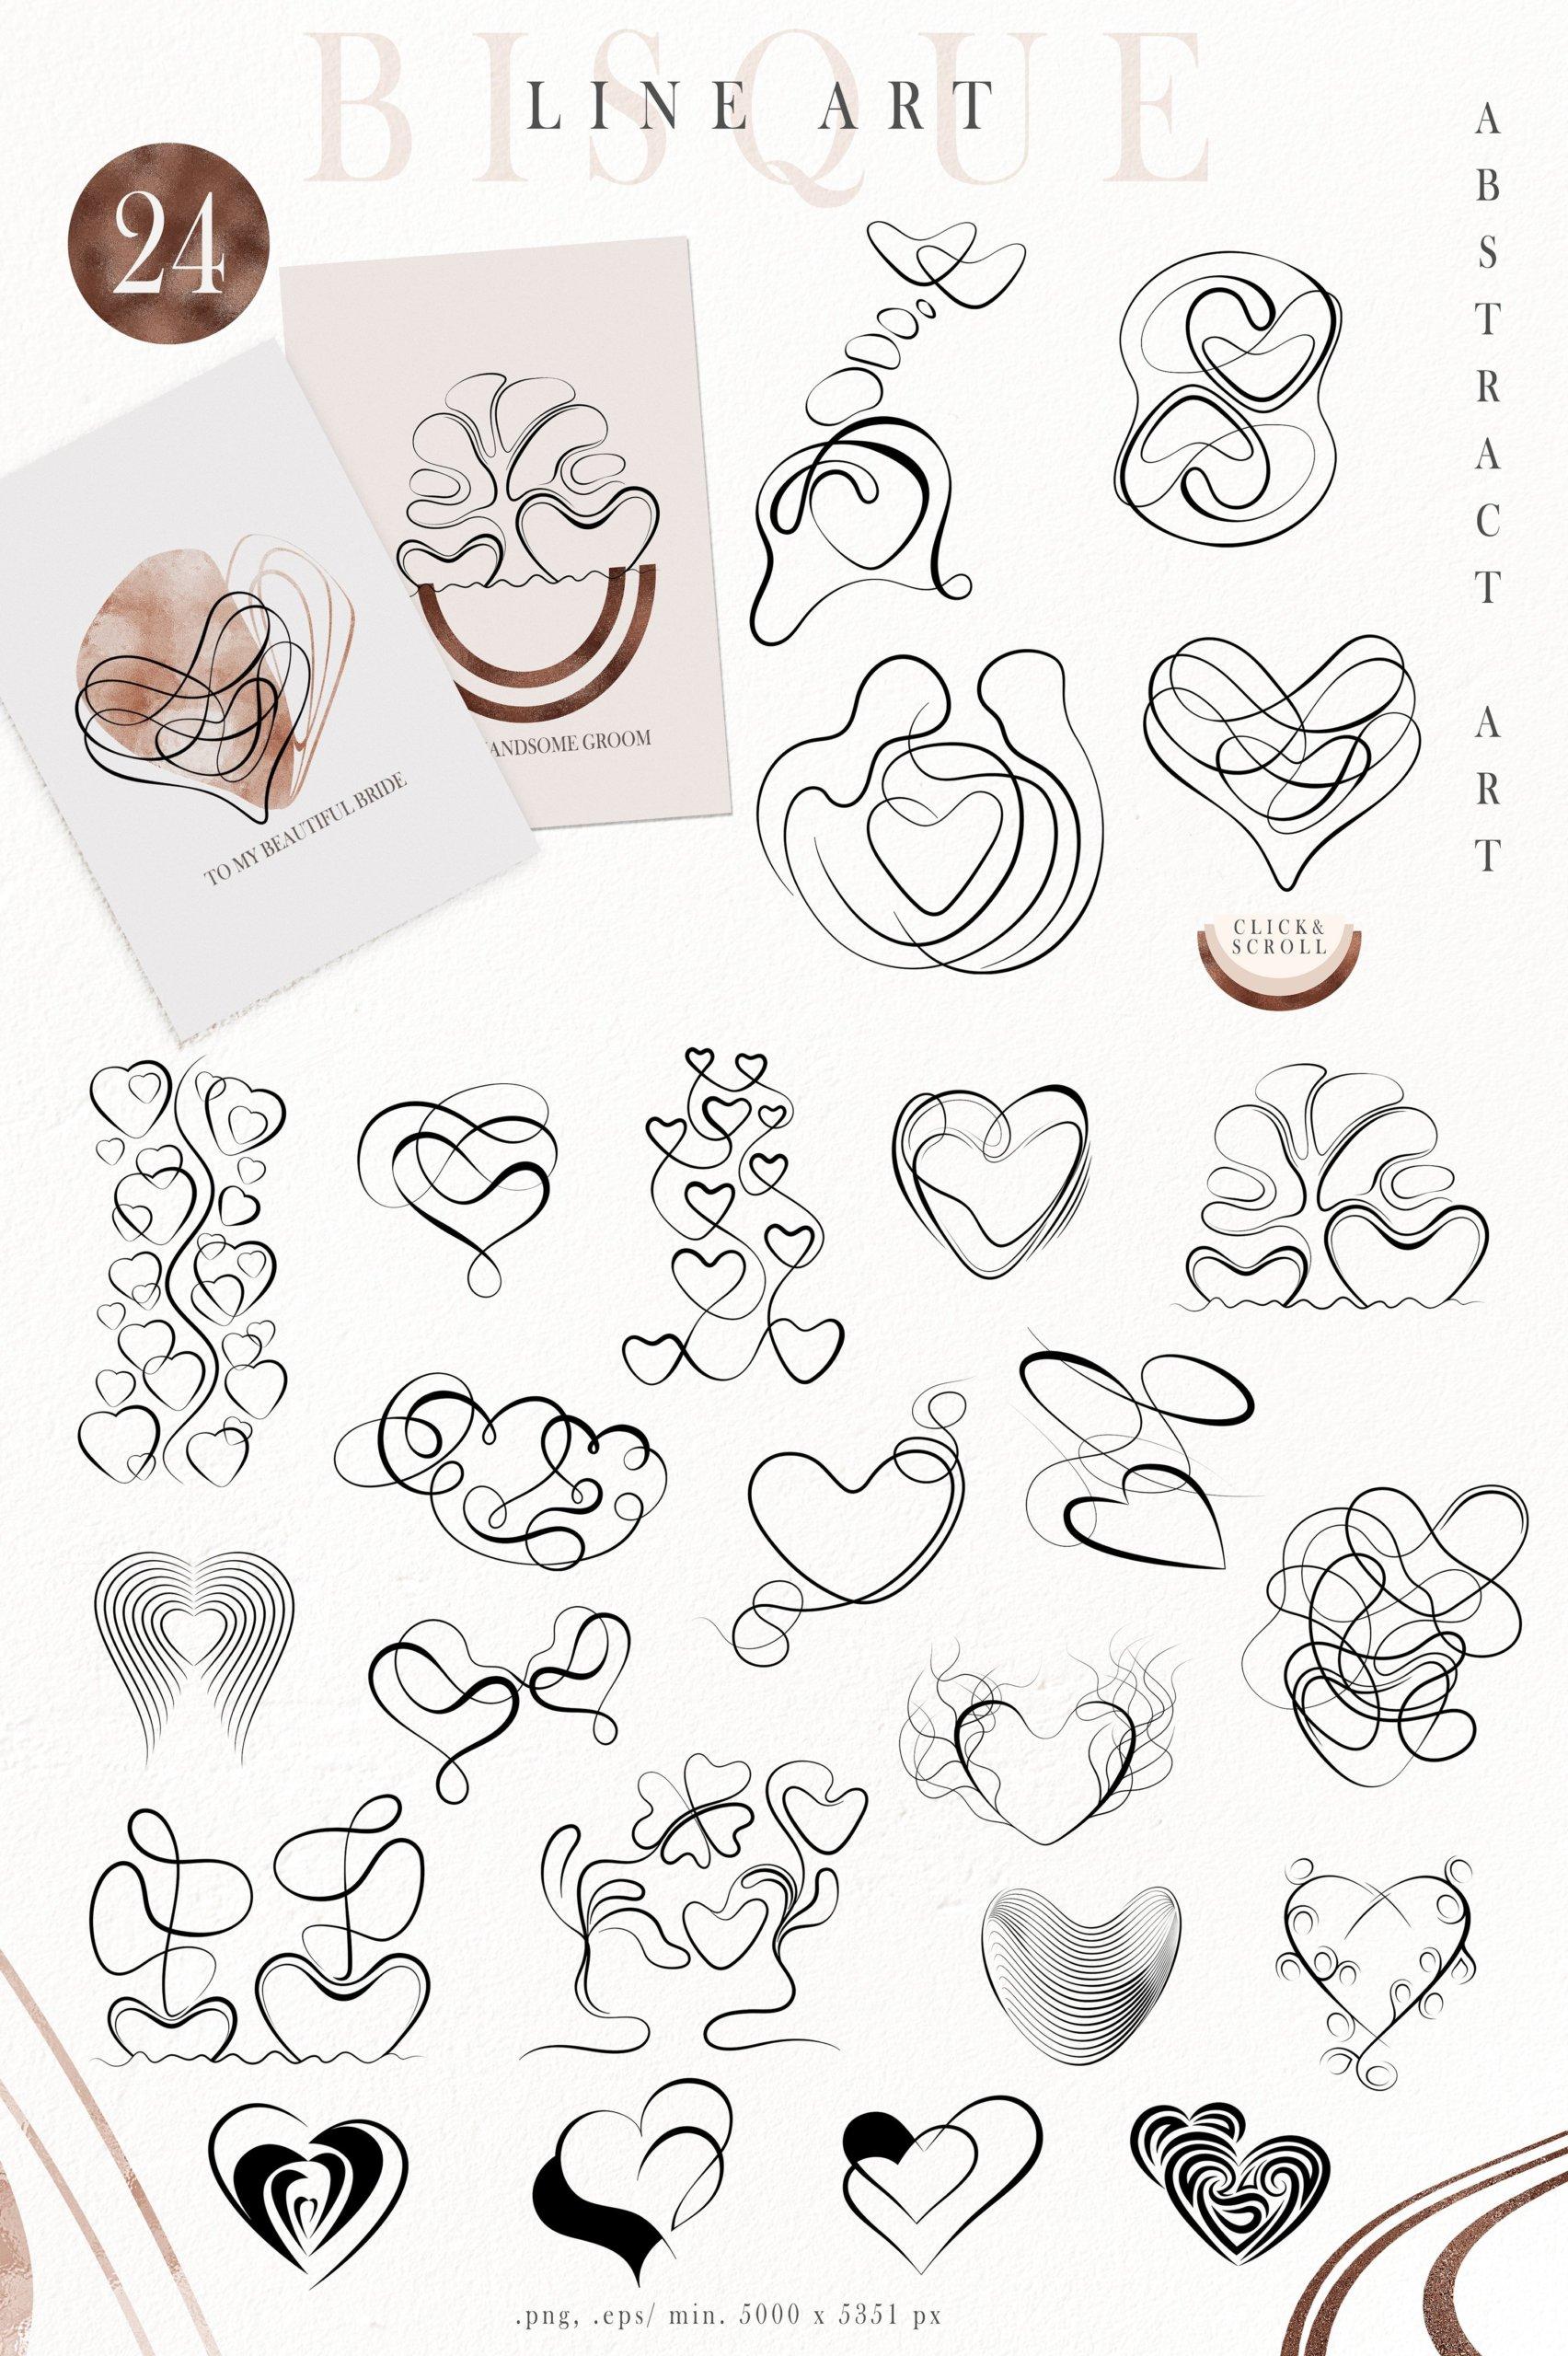 抽象巧克力奶油线条图形符号字母PNG透明背景图片设计素材 Abstract Shapes, Line Art, Alphabet插图1